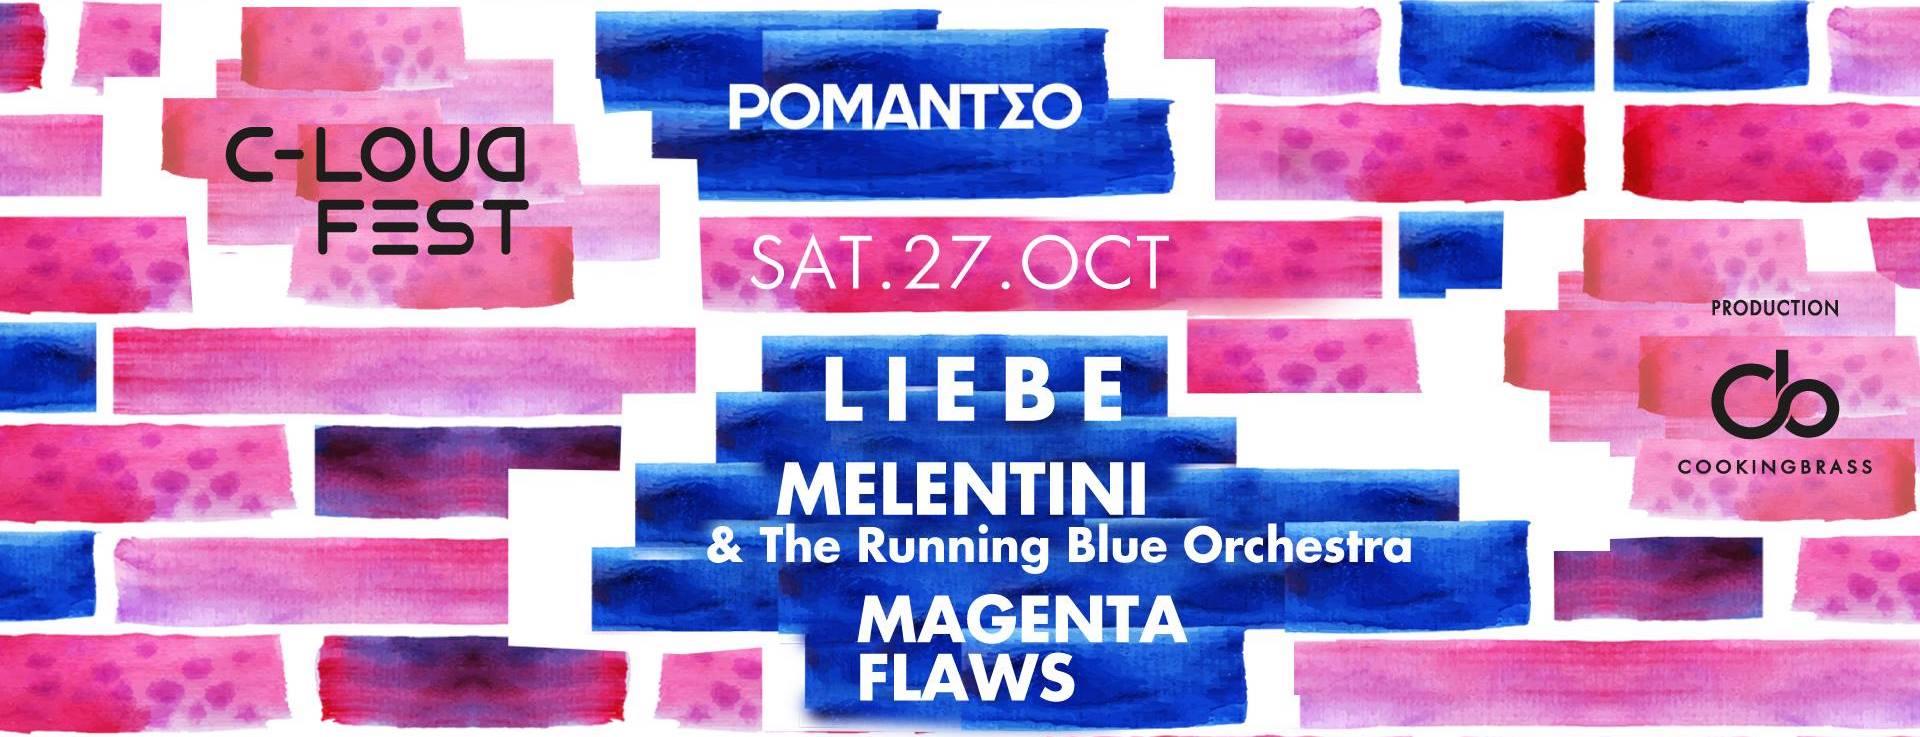 Το C-Loud Fest επιστρέφει στο Romantso στις 27 Οκτωβρίου